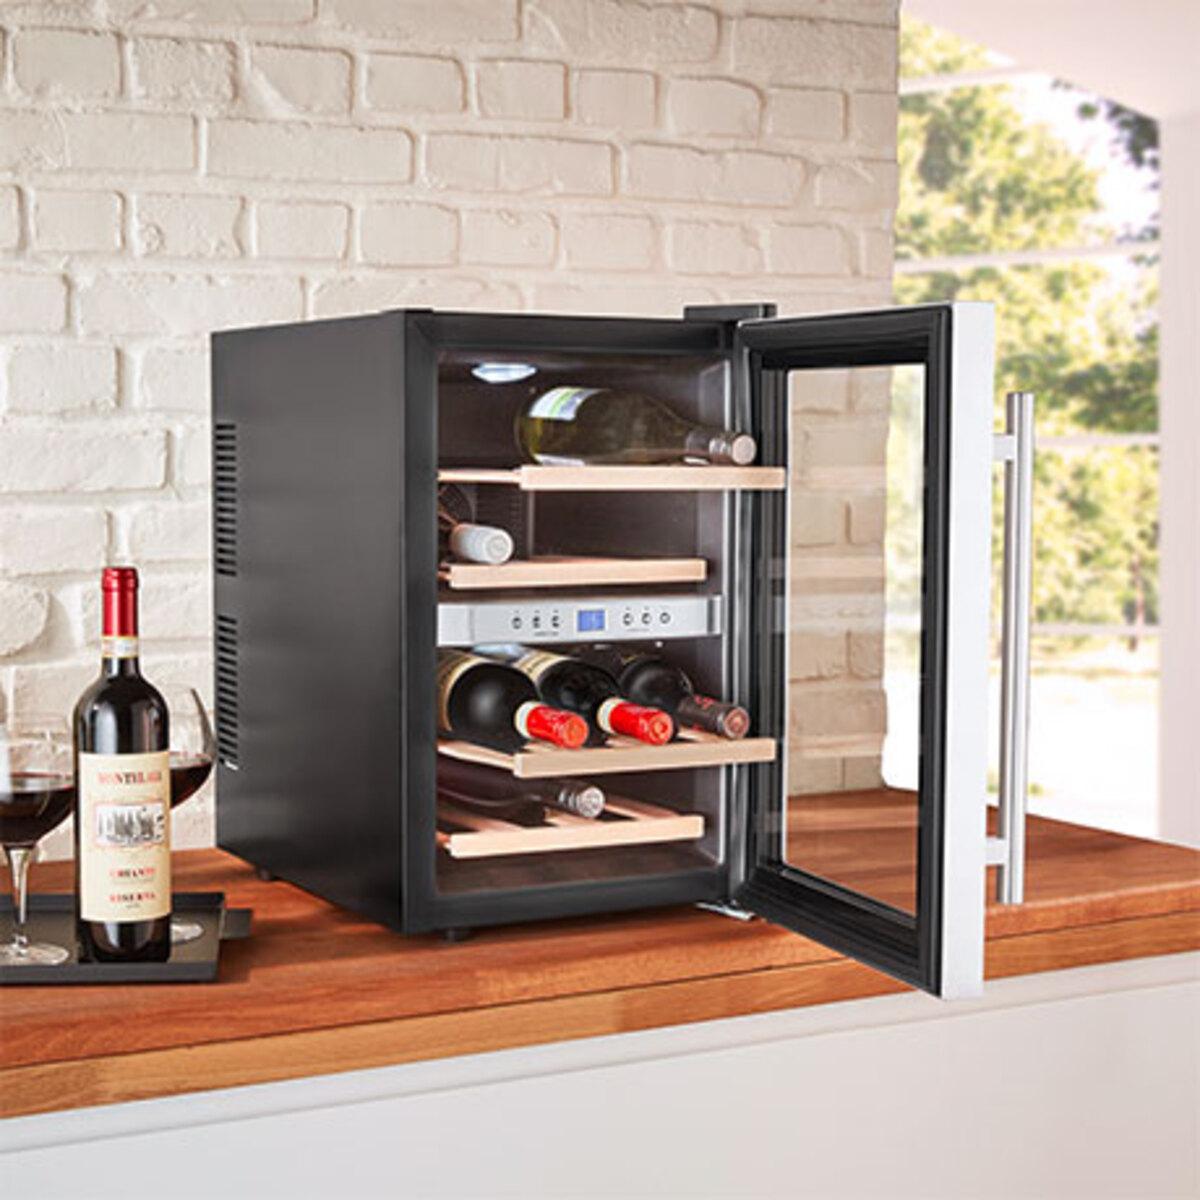 Bild 1 von Weintemperierschrank 12 Flaschen MD374501